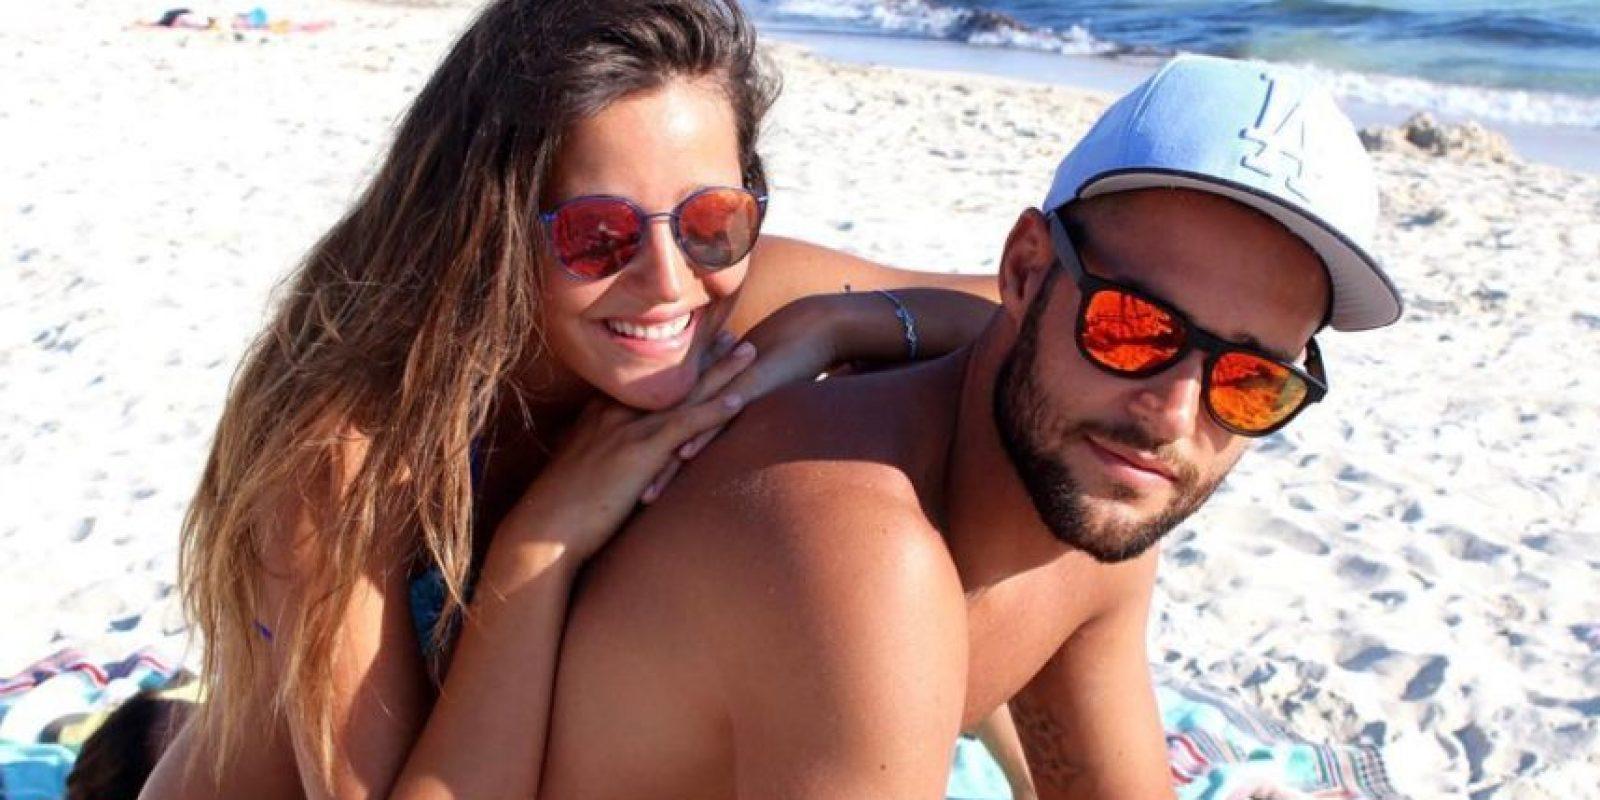 Es novia de Mario Suárez Foto:Vía instagram.com/malenacosta7